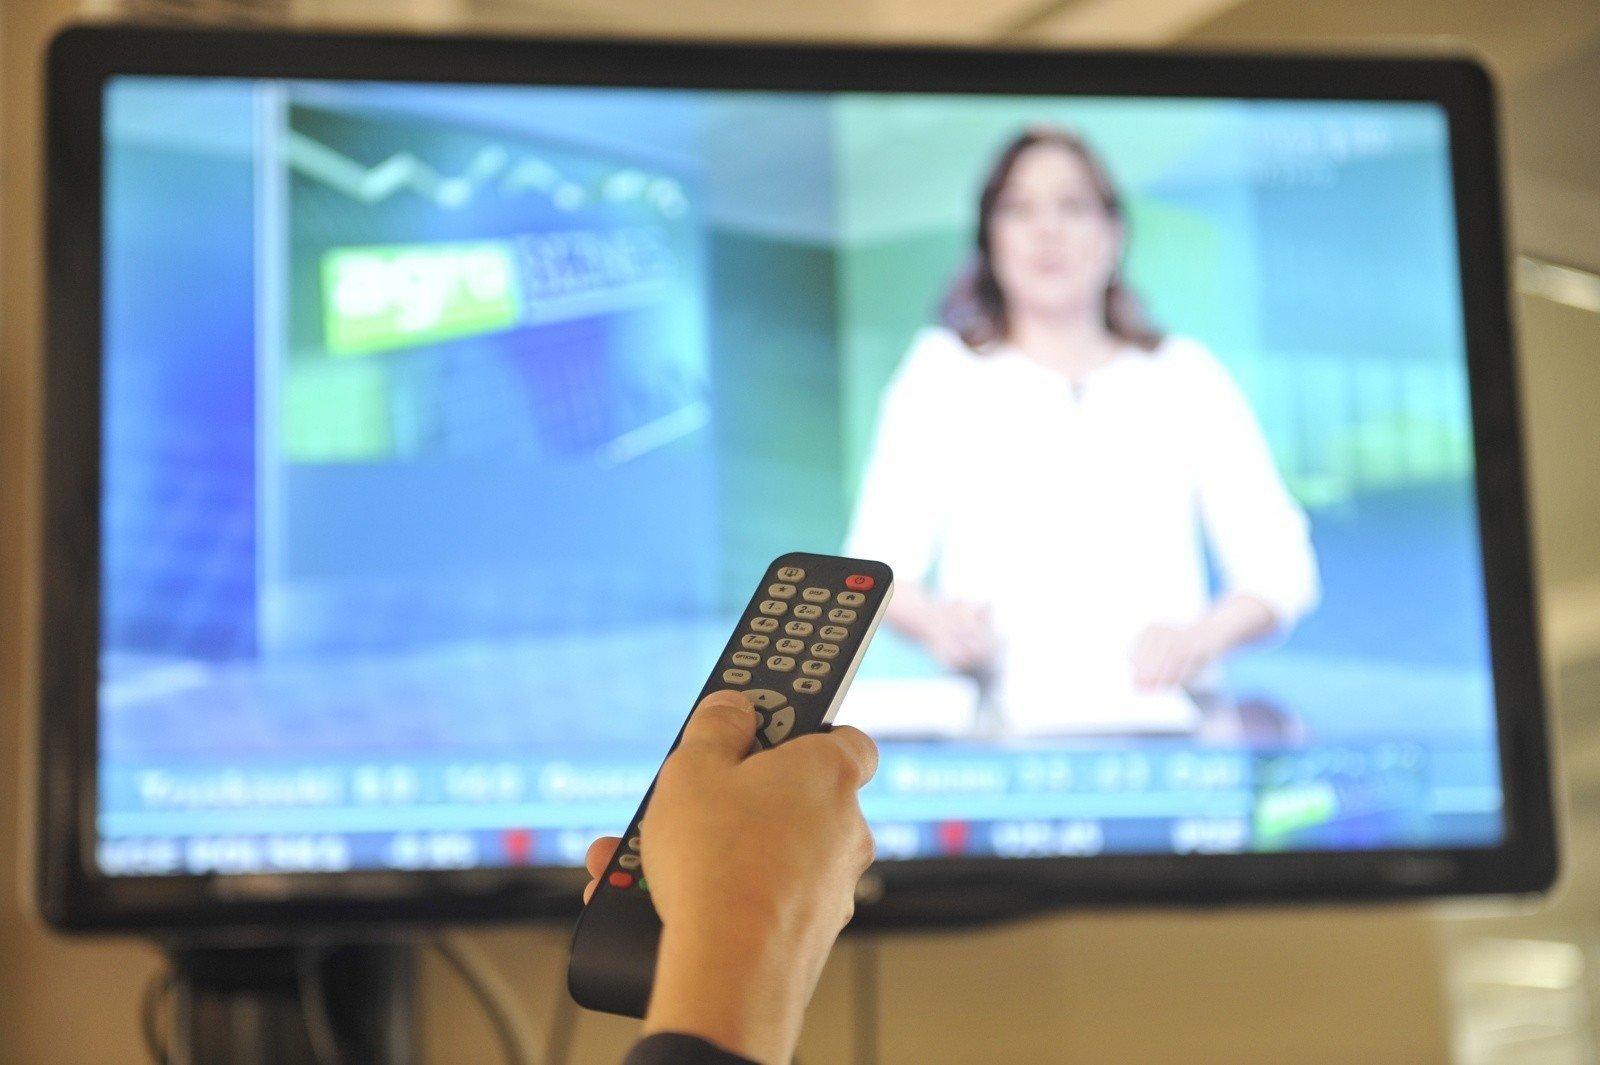 Abonament RTV 2020: Wysokość opłat abonamentowych. [26.02.2020] Jakie stawki i kary za brak opłaty? Kto nie musi płacić abonamentu RTV    Głos Koszaliński